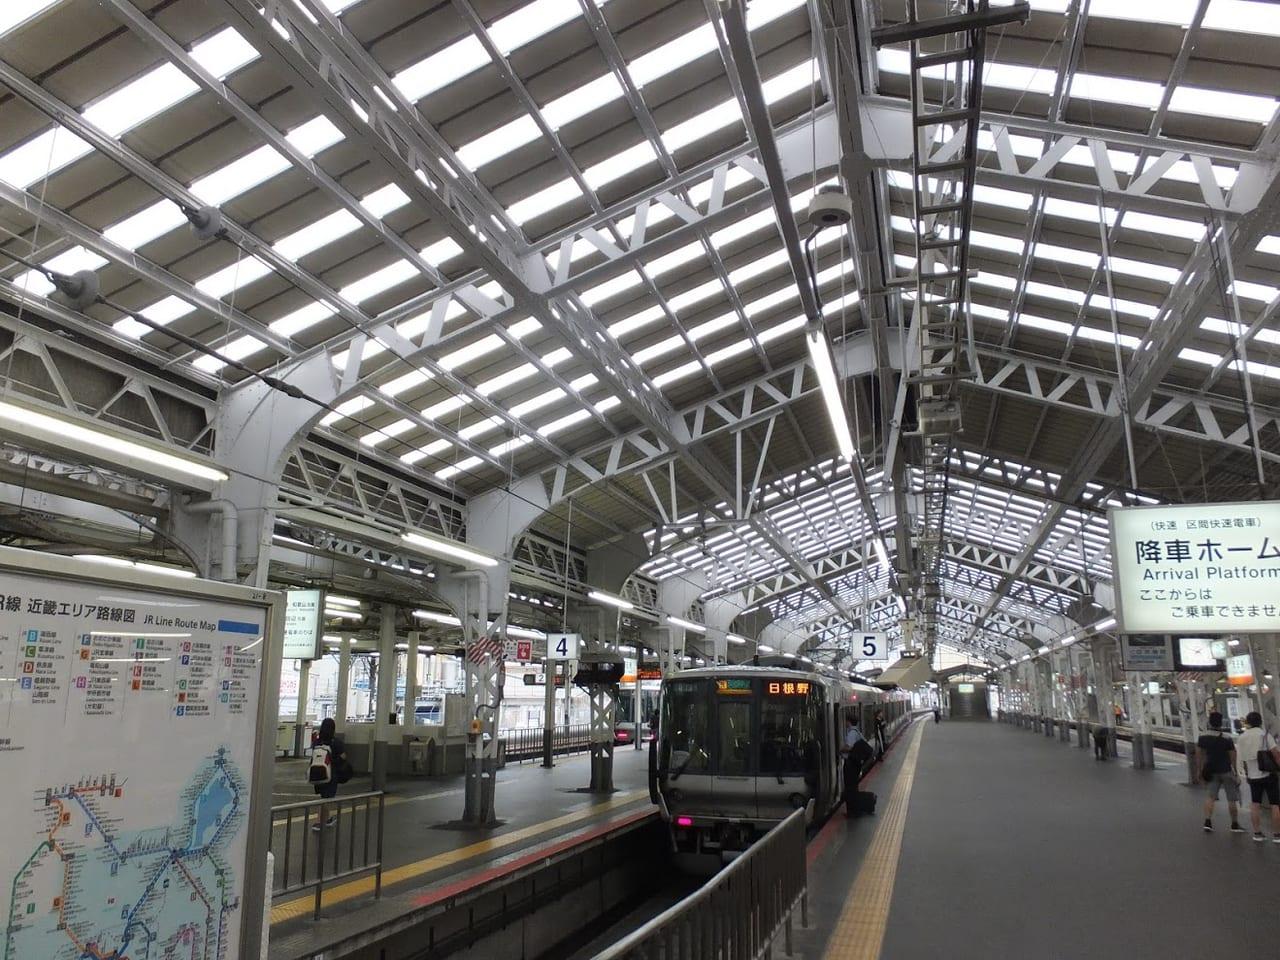 天王寺駅タコ焼き自販機